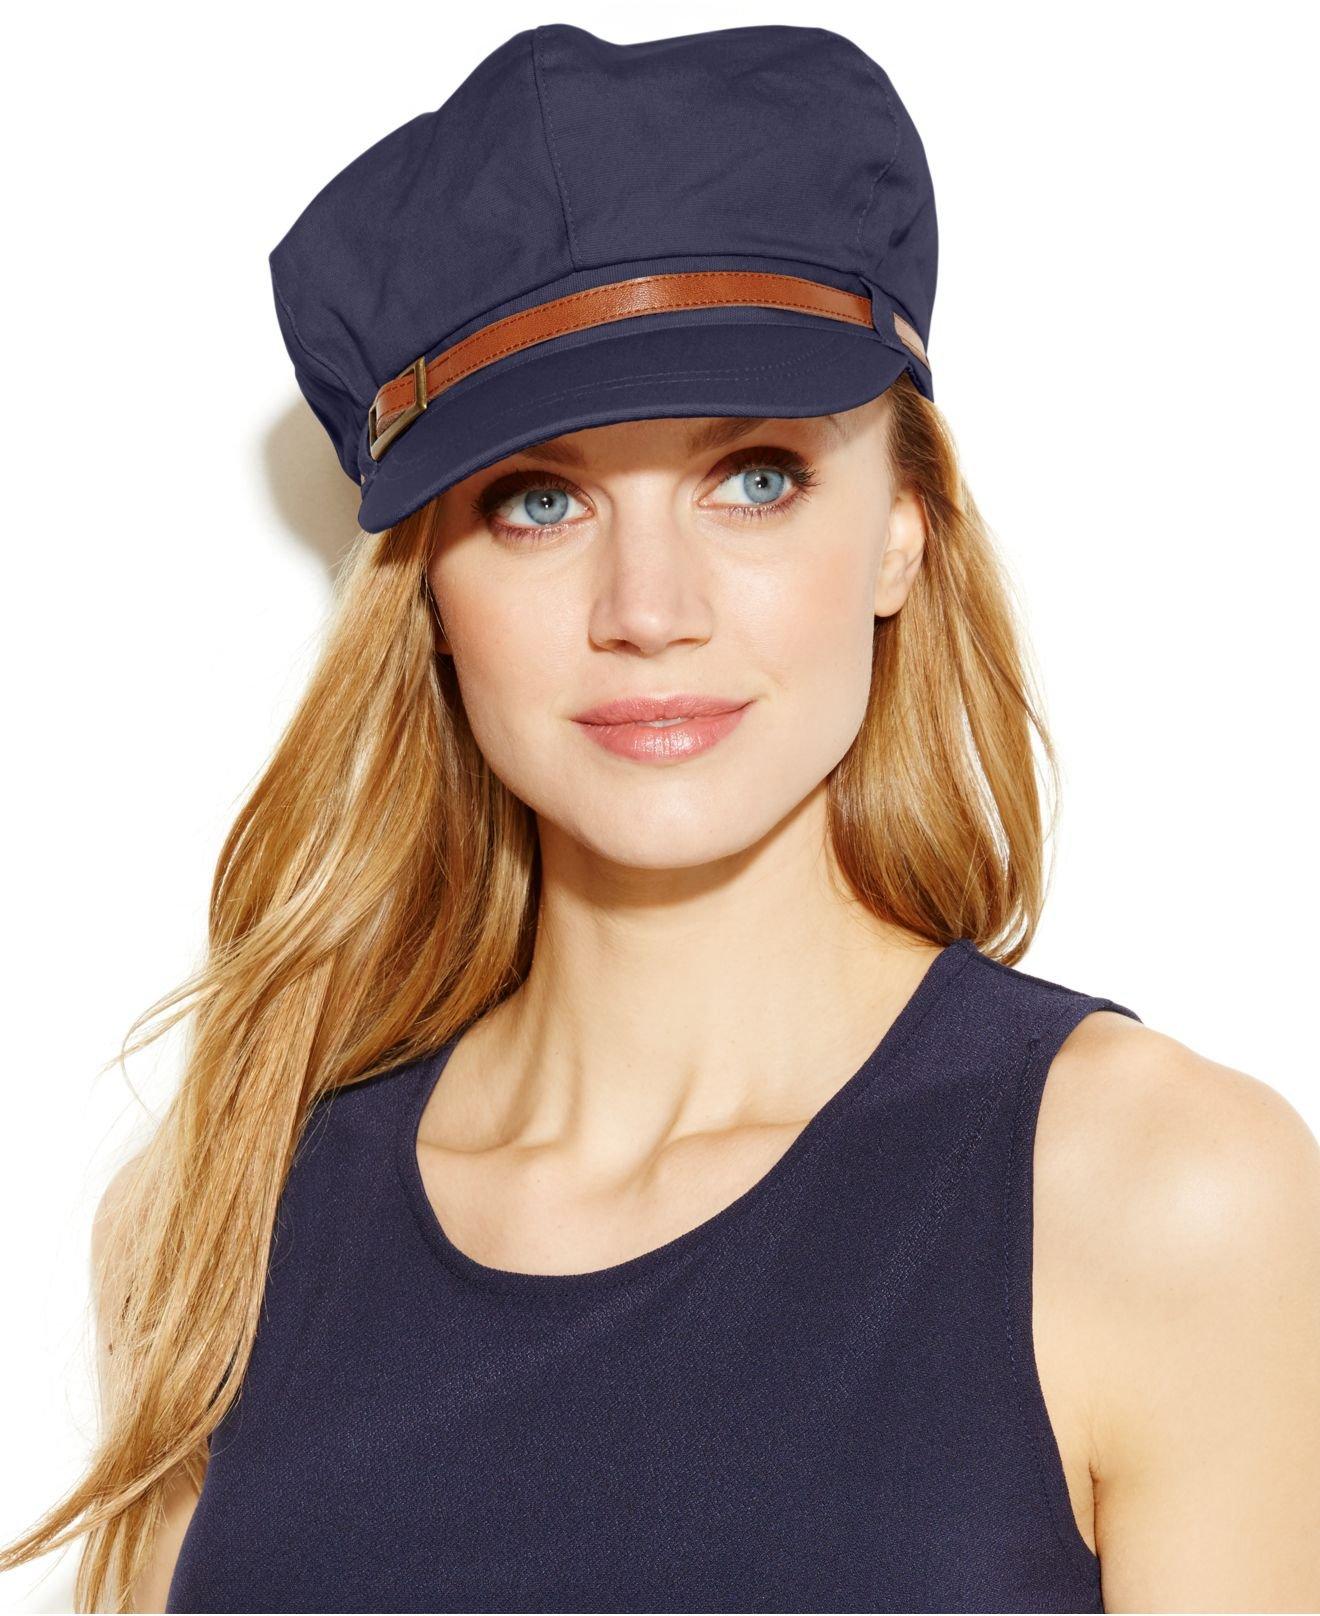 bfa6430e78ed9 Nine West Canvas Newsboy Hat in Blue - Lyst